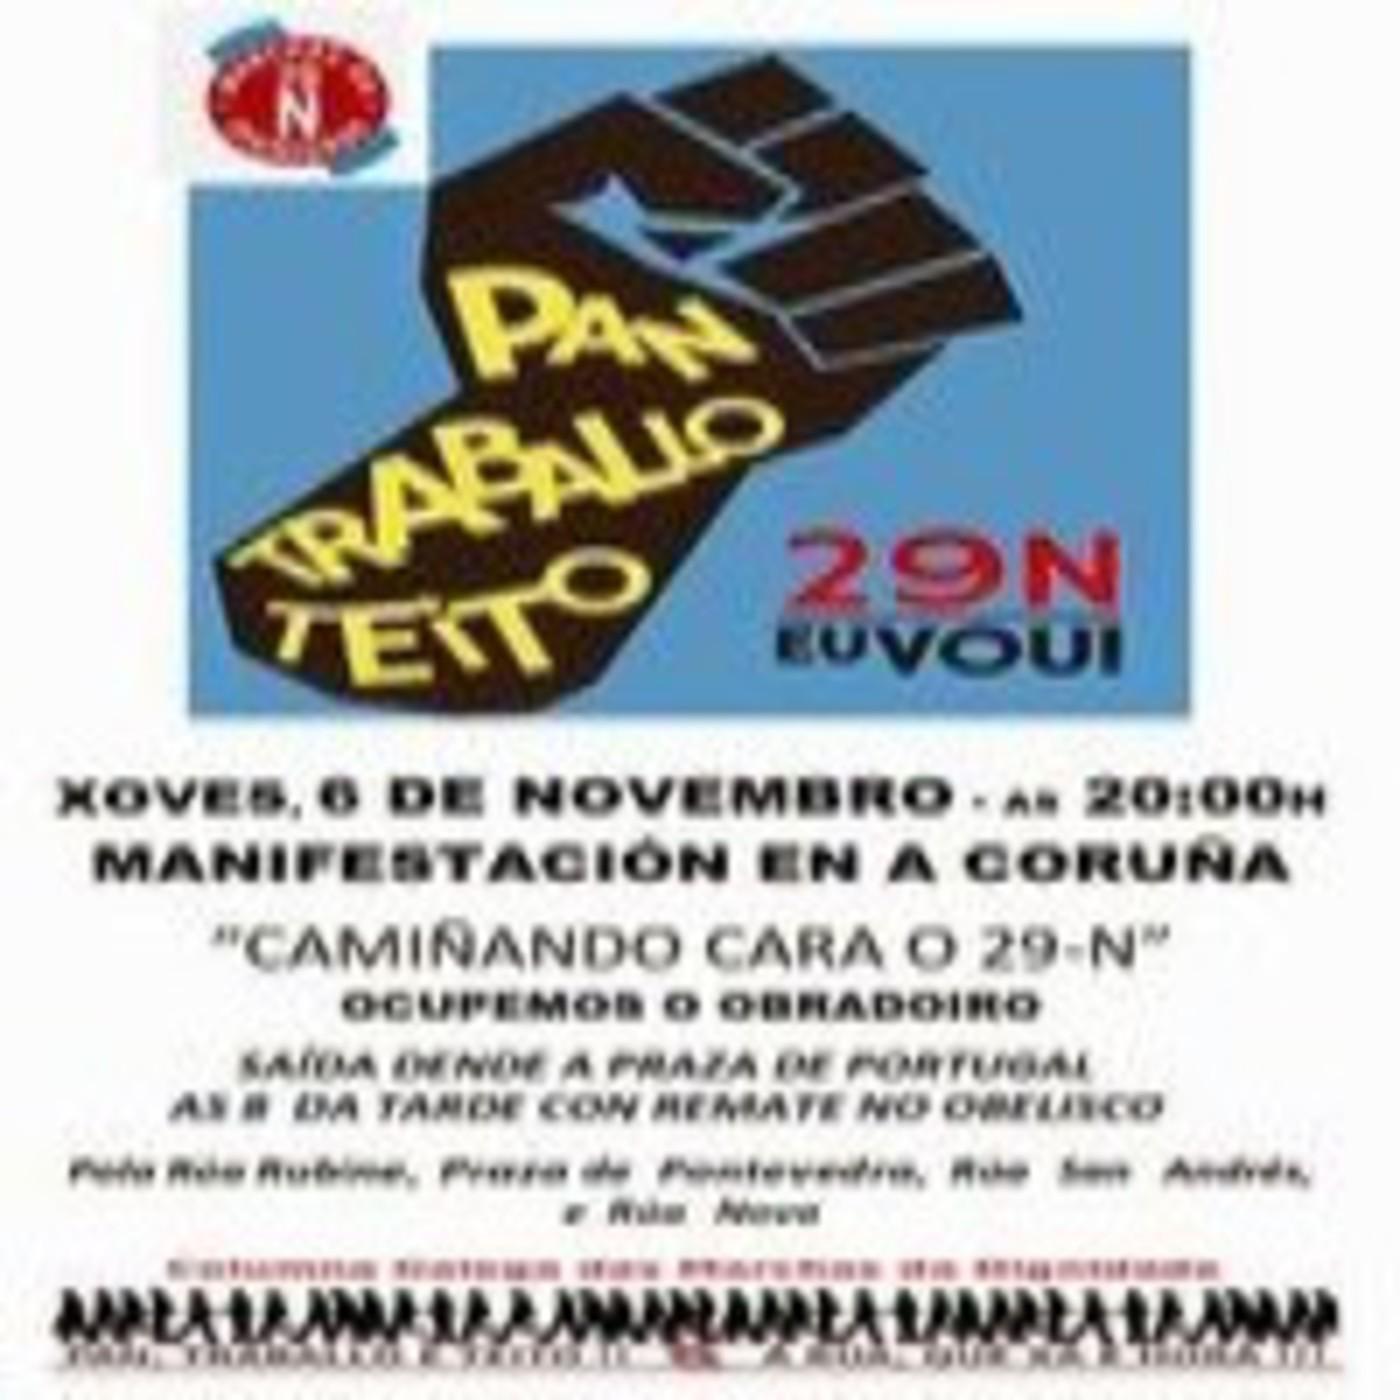 Xxxii trankimagazine:Última concentraciÓn contra el desalojo en elviÑa.marchas da dignidade del 29 n y rock de ponzoÑa